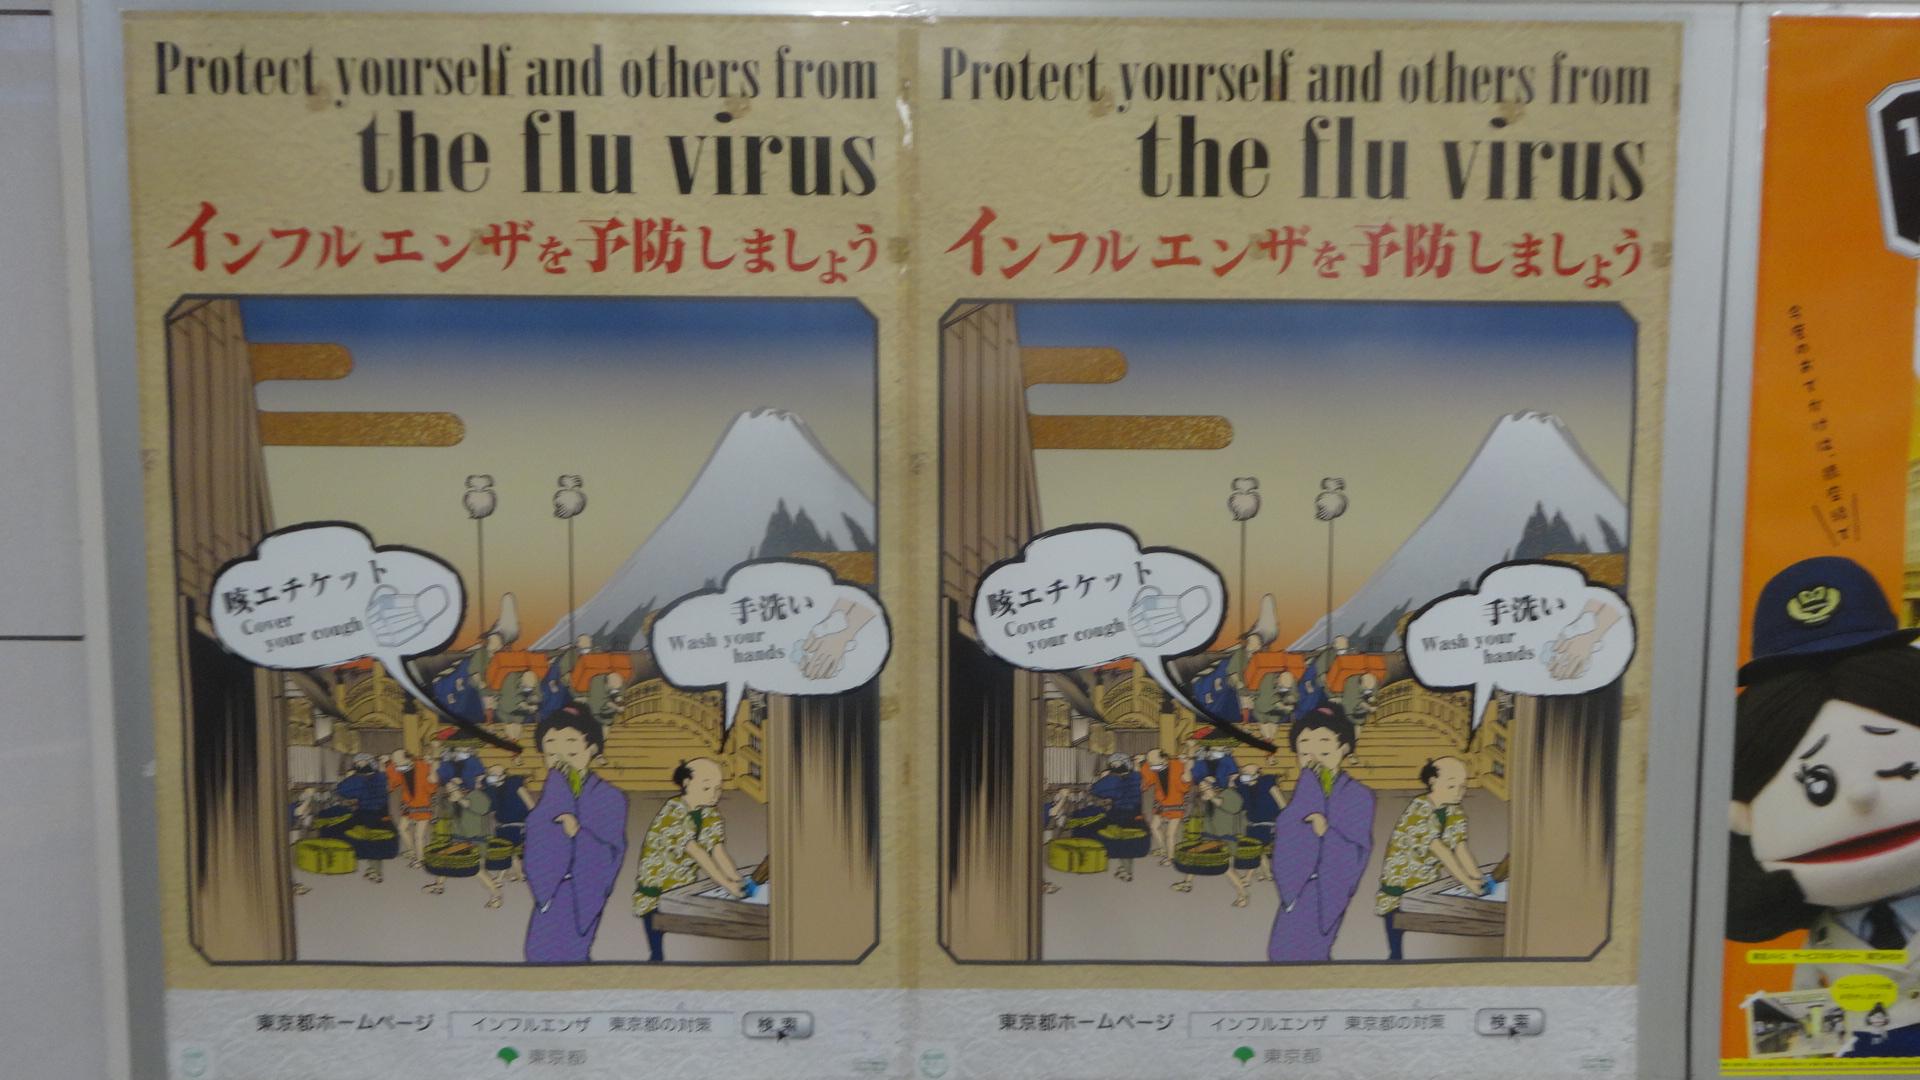 インフルエンザ予防のメトロの駅広告